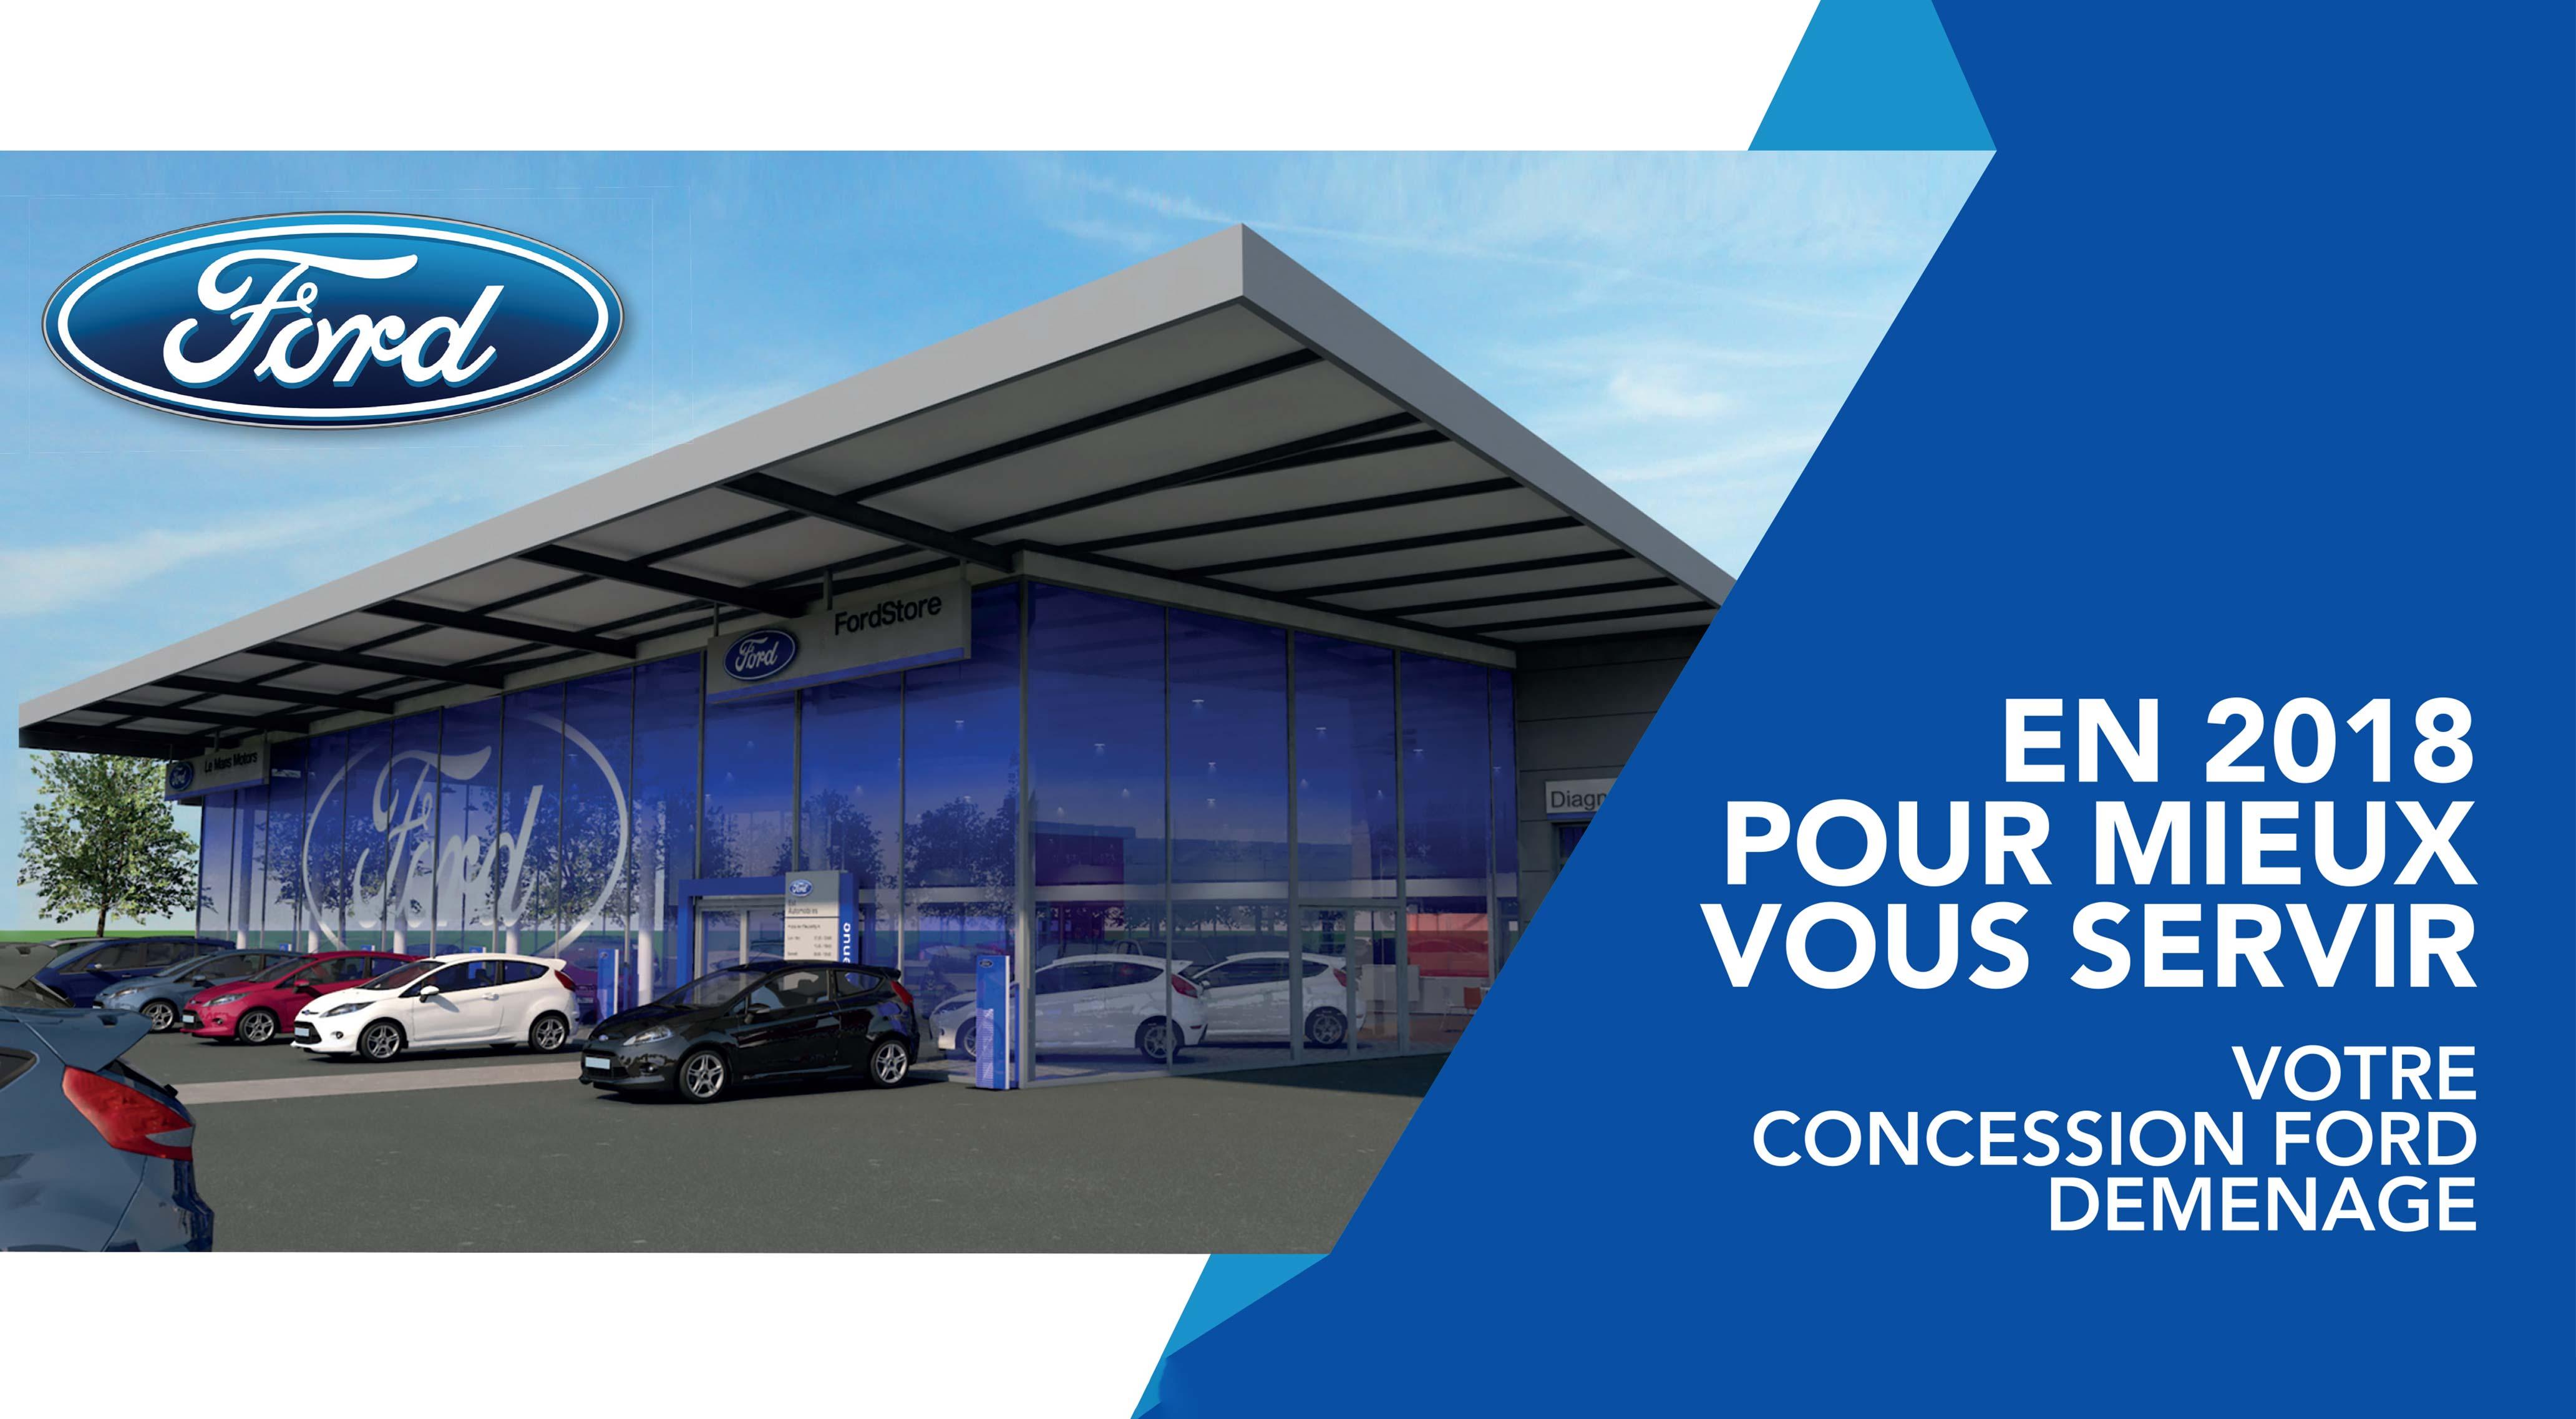 En 2018, votre concession Ford Le Mans déménage.